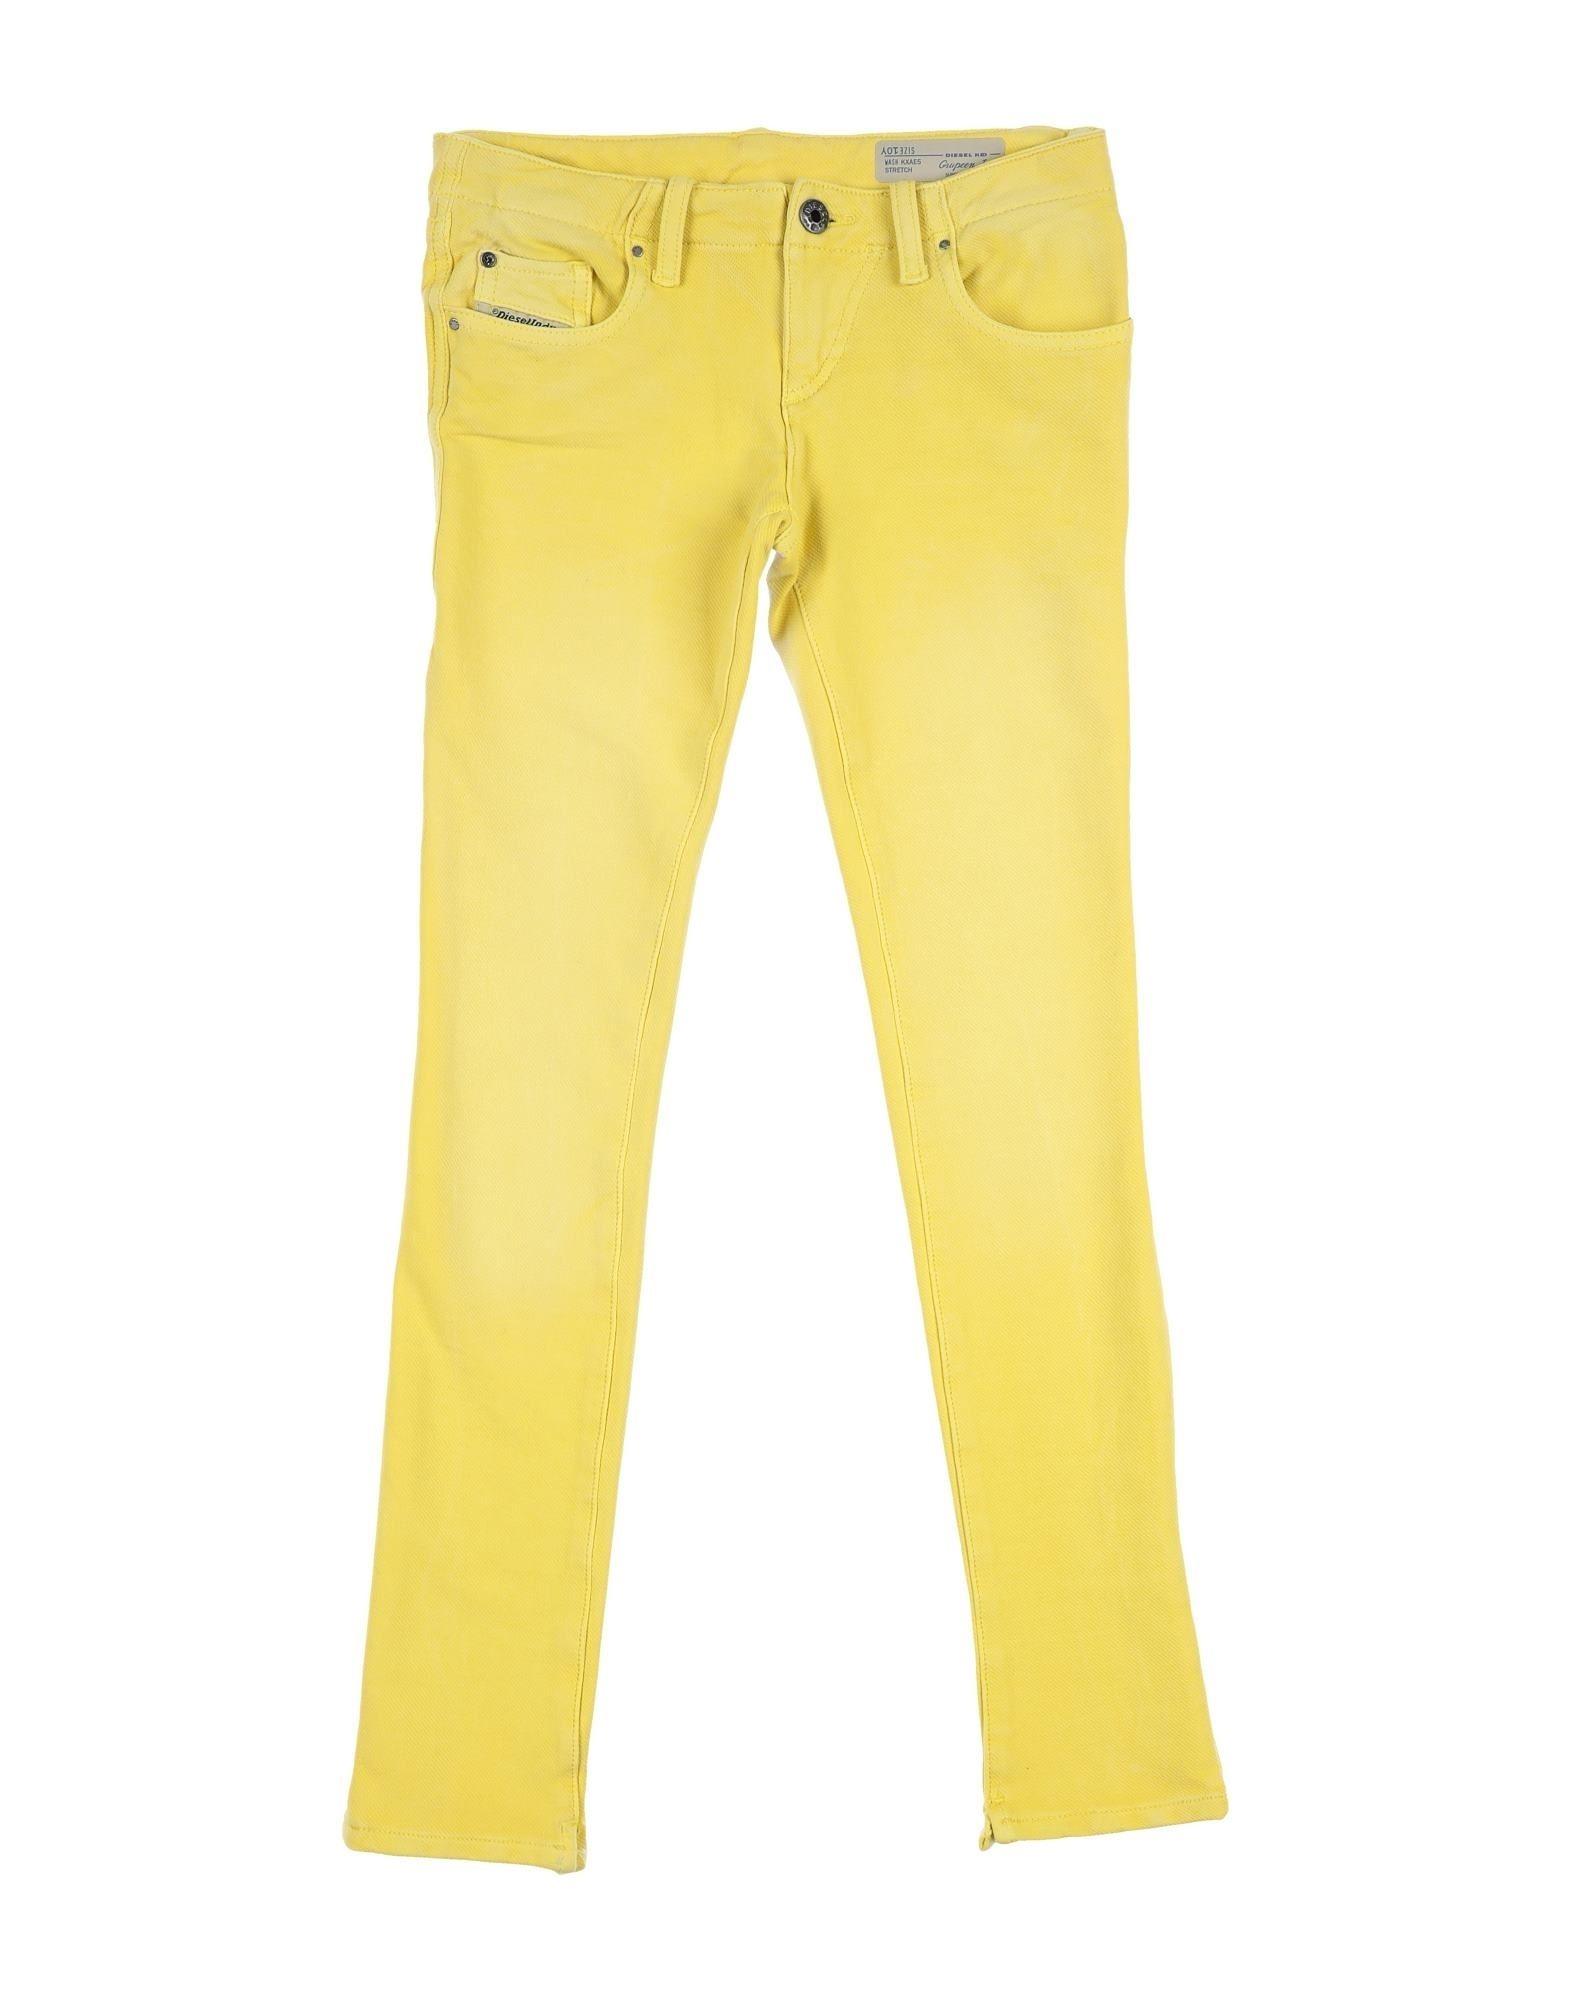 Diesel Kids' Casual Pants In Yellow